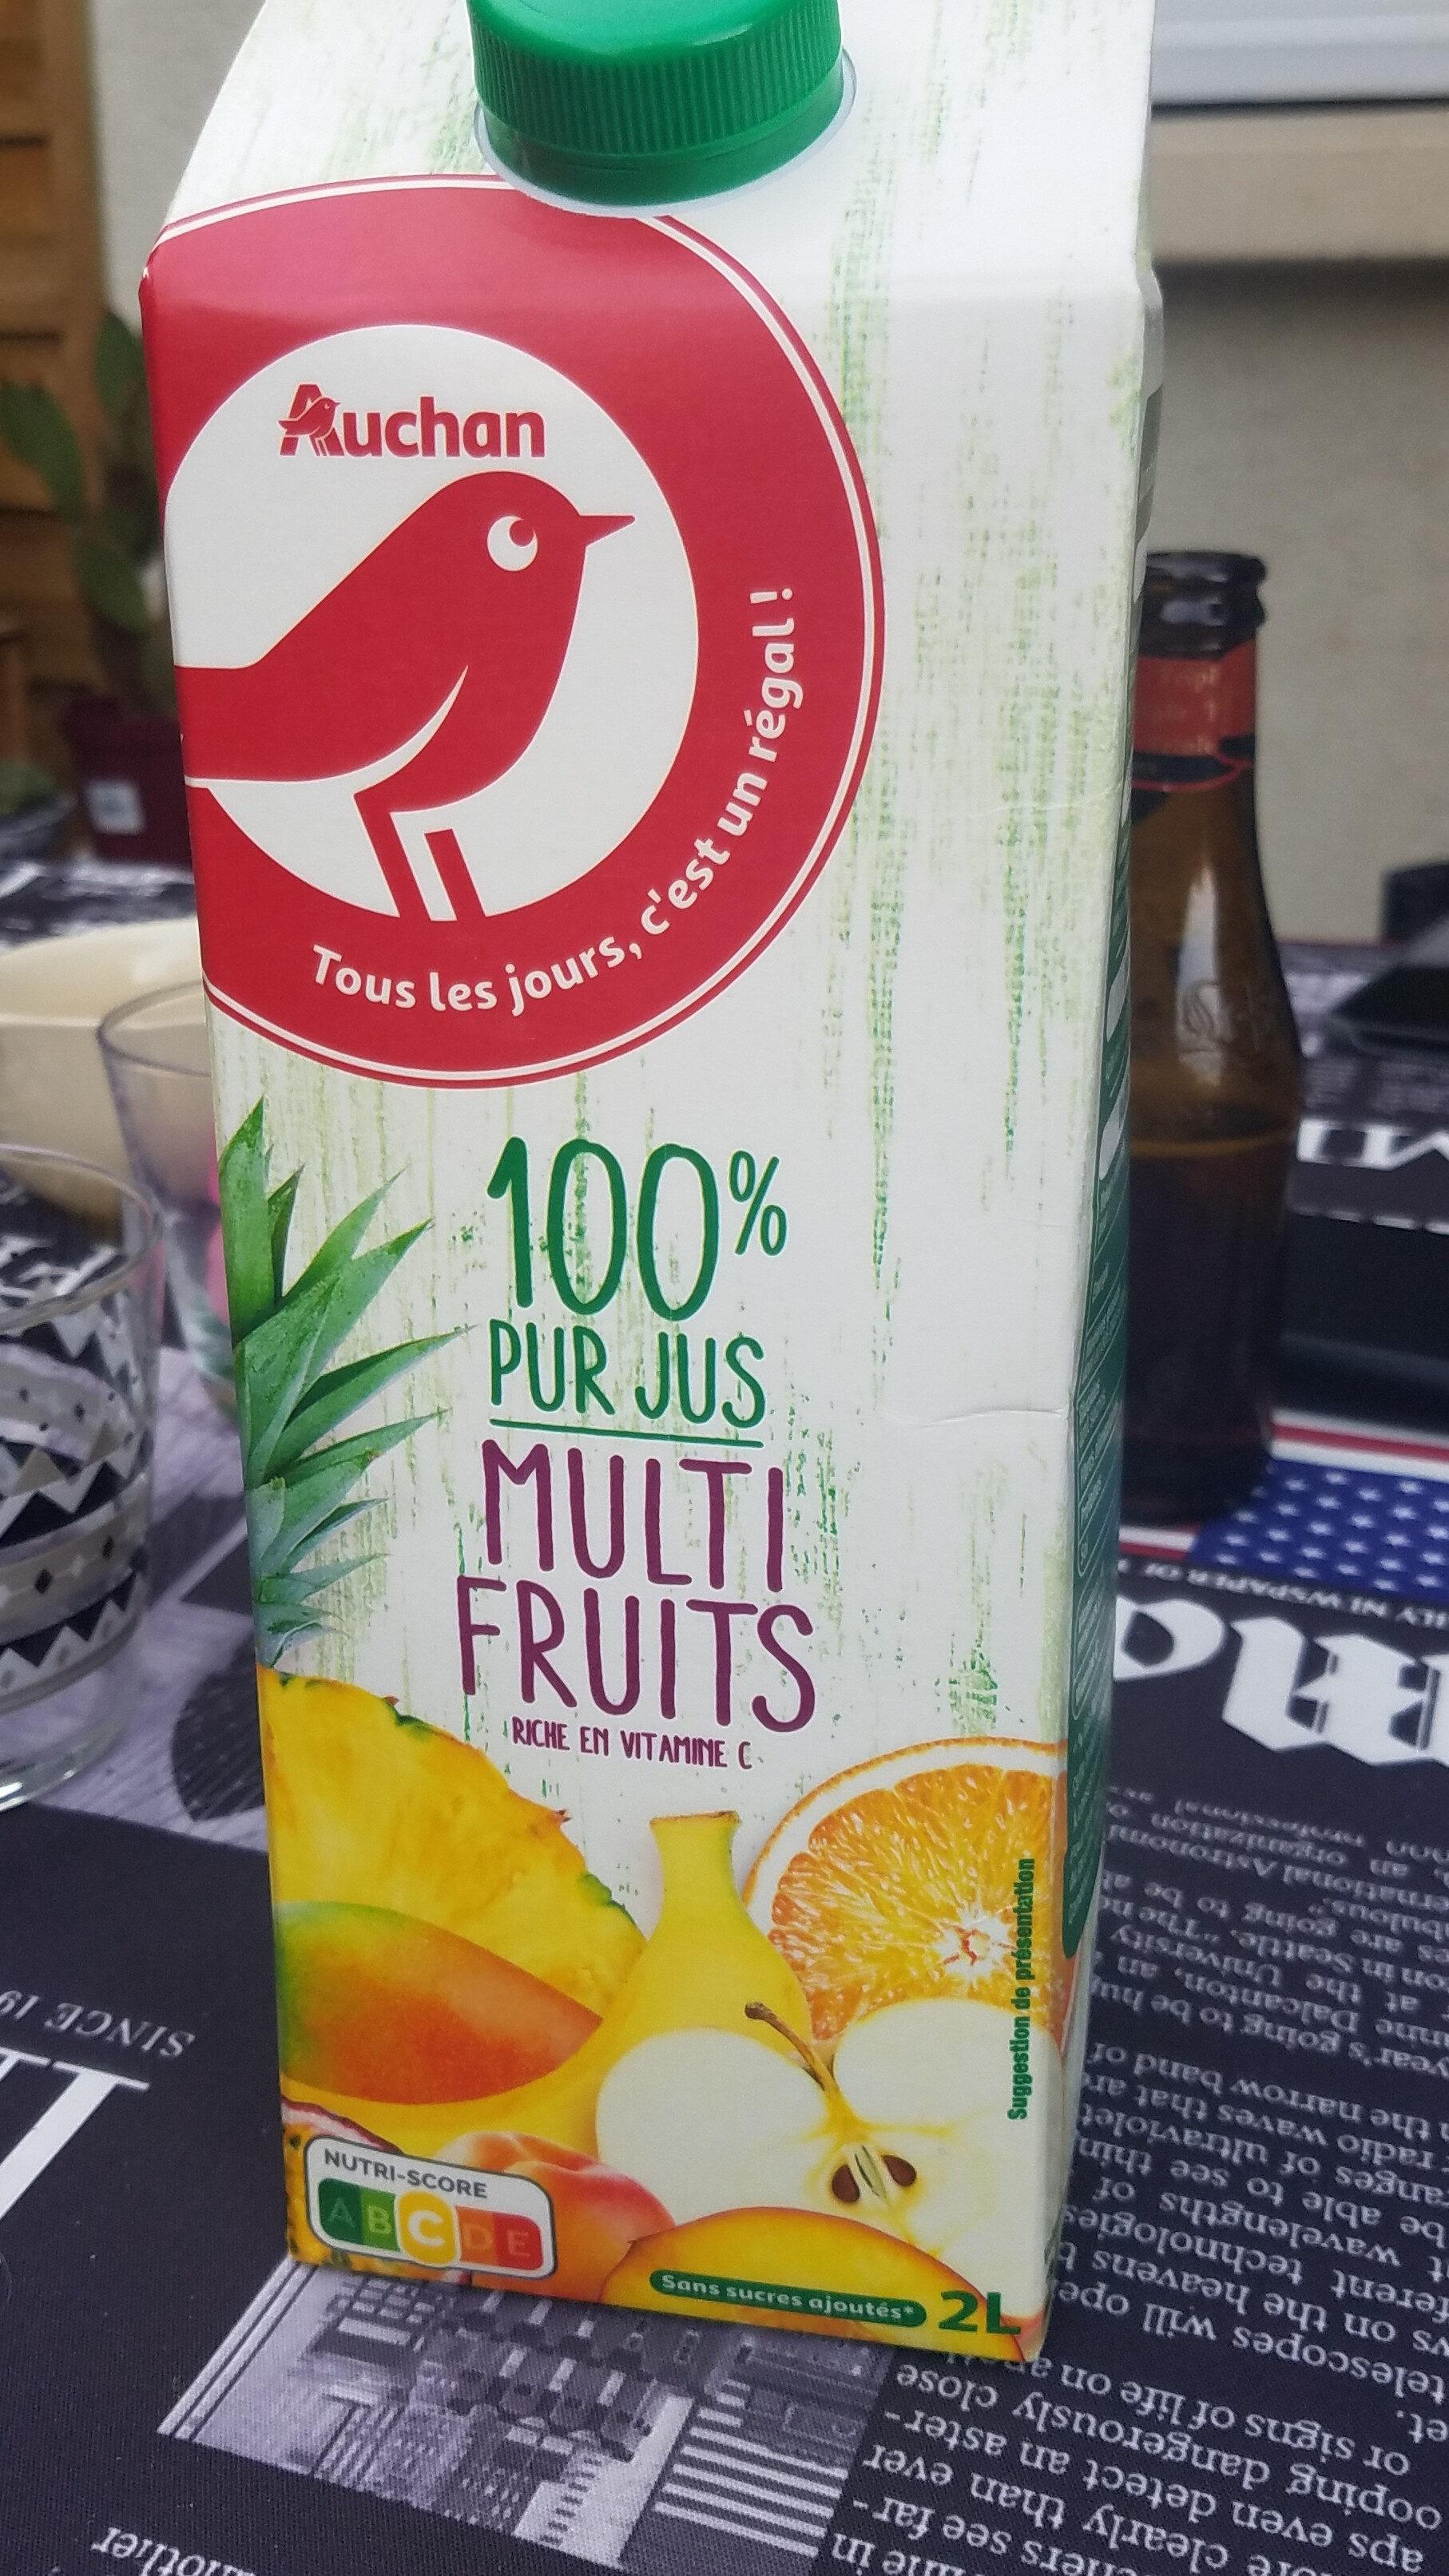 Multifruits pur jus - Produit - fr